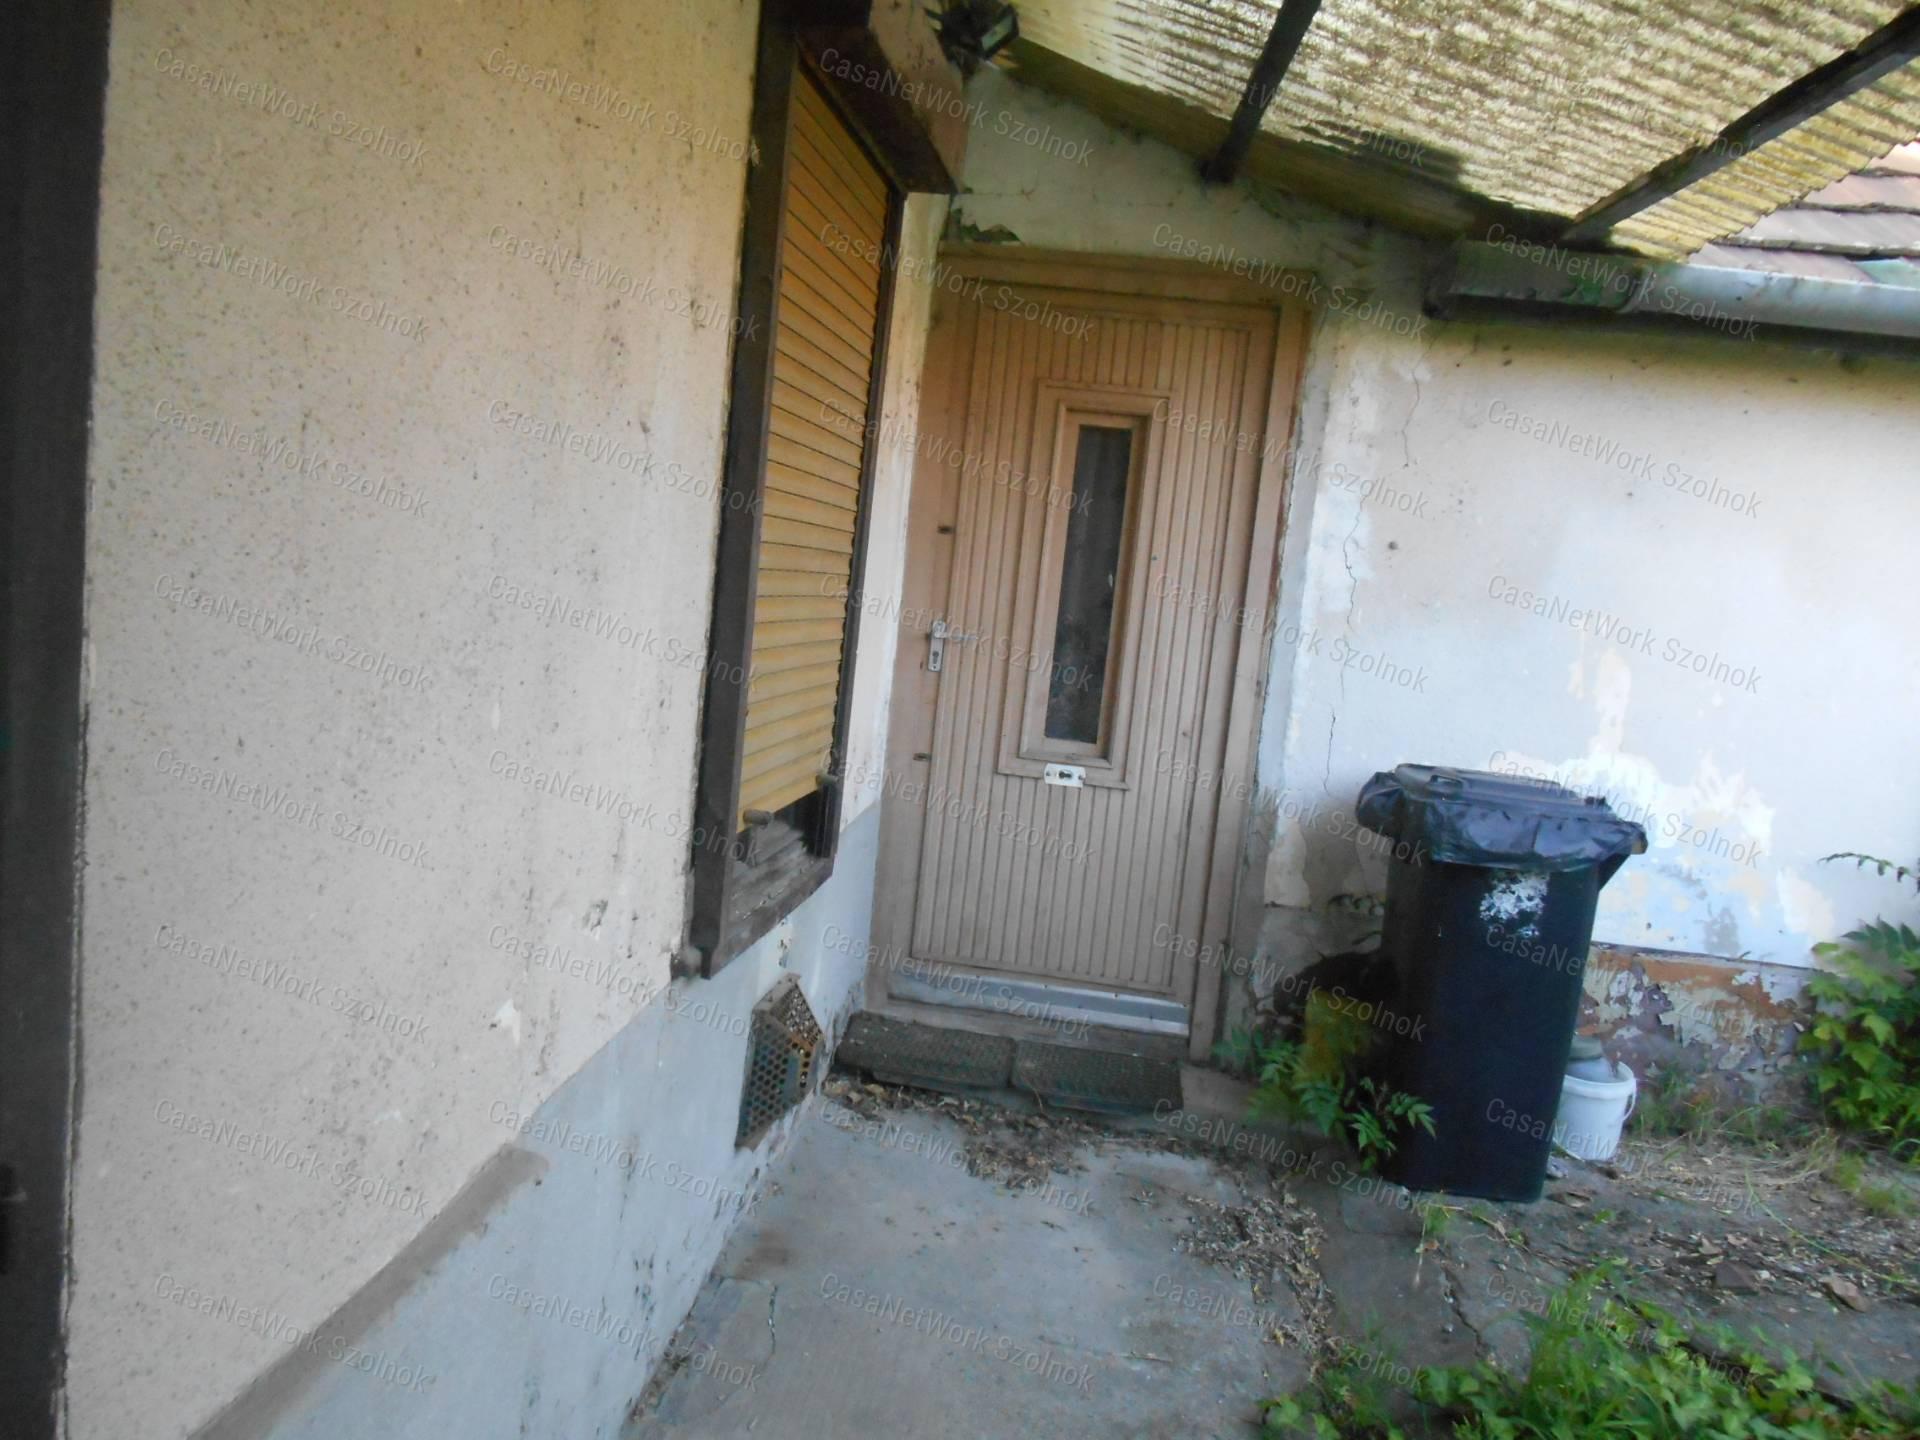 Eladó családi ház, Jász-Nagykun-Szolnok megye, Szolnok (Belváros) - sz.: 155802952 - CasaNetWork.hu